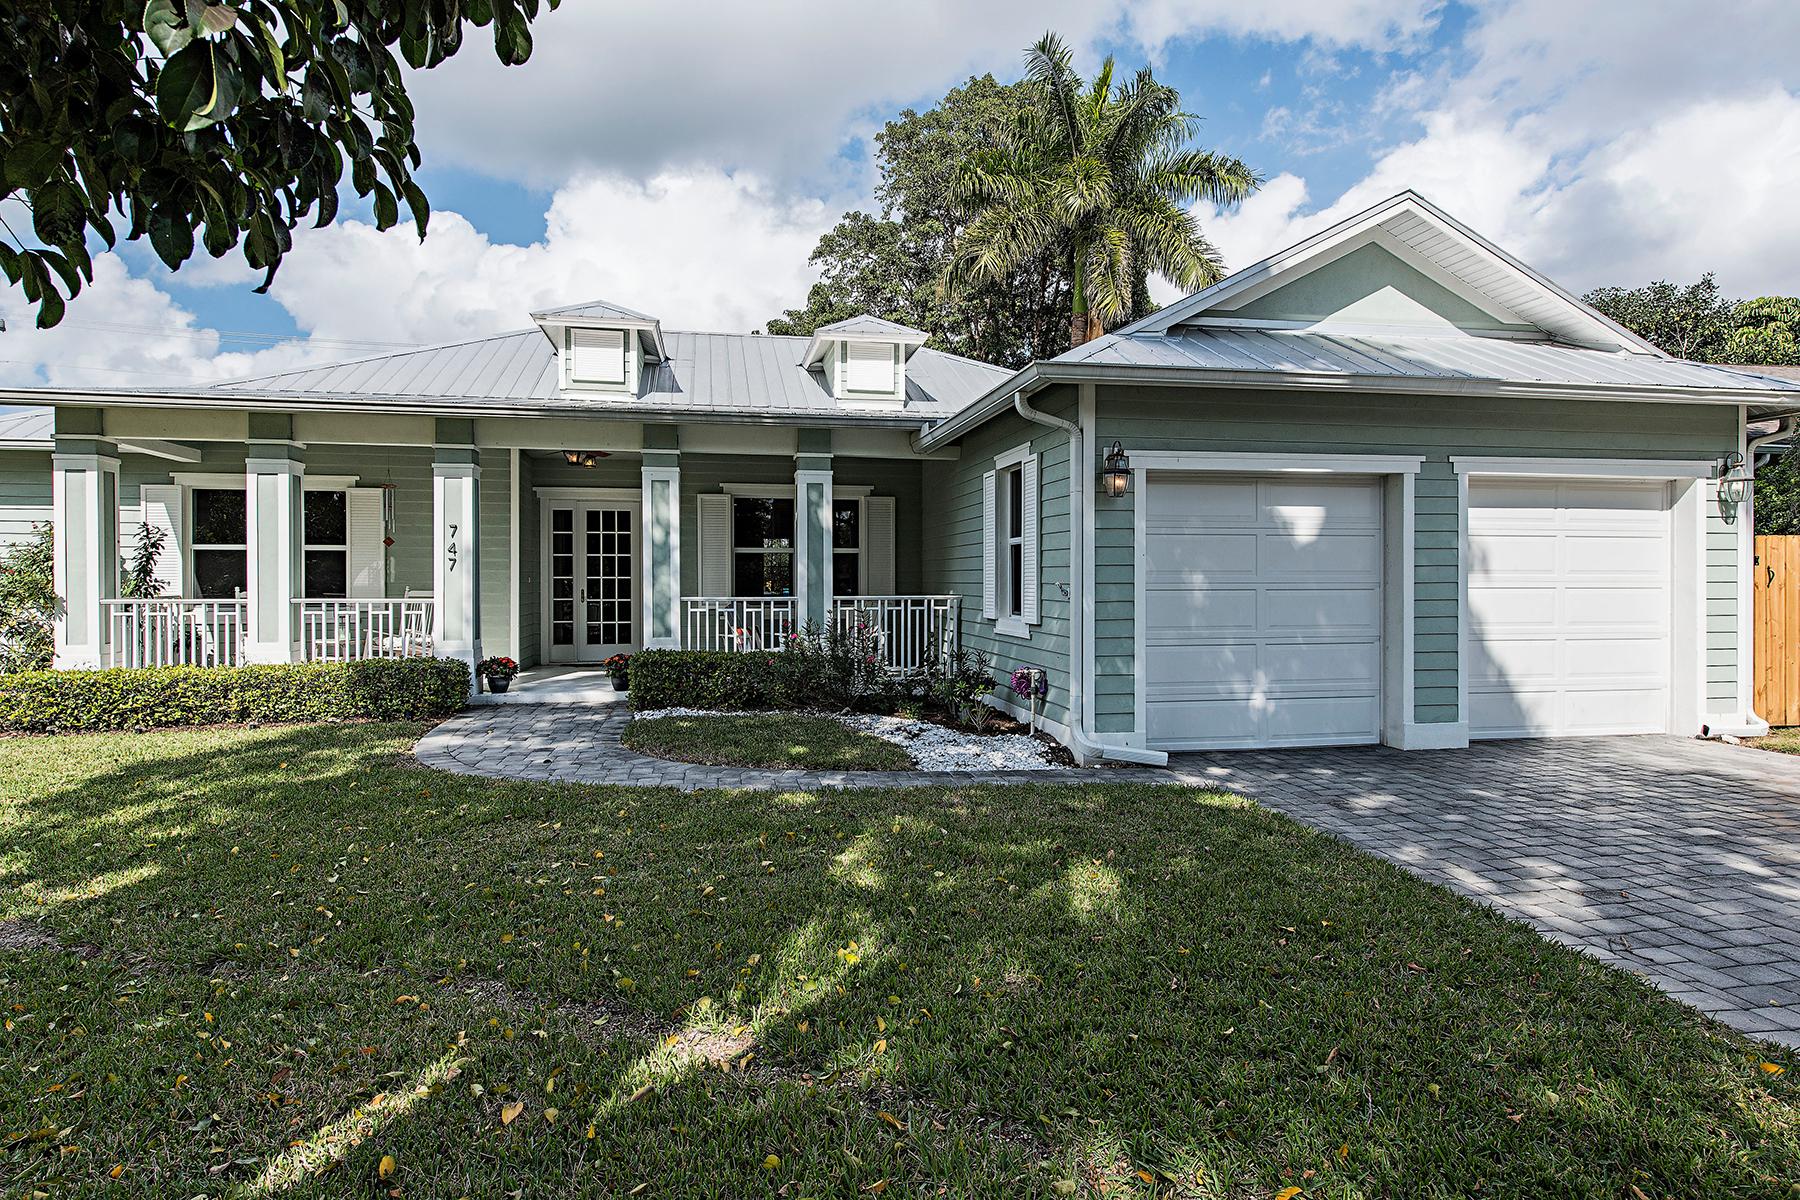 Casa Unifamiliar por un Venta en PARK SHORE - MYRTLE TERRACE 747 Myrtle Terr Naples, Florida, 34103 Estados Unidos